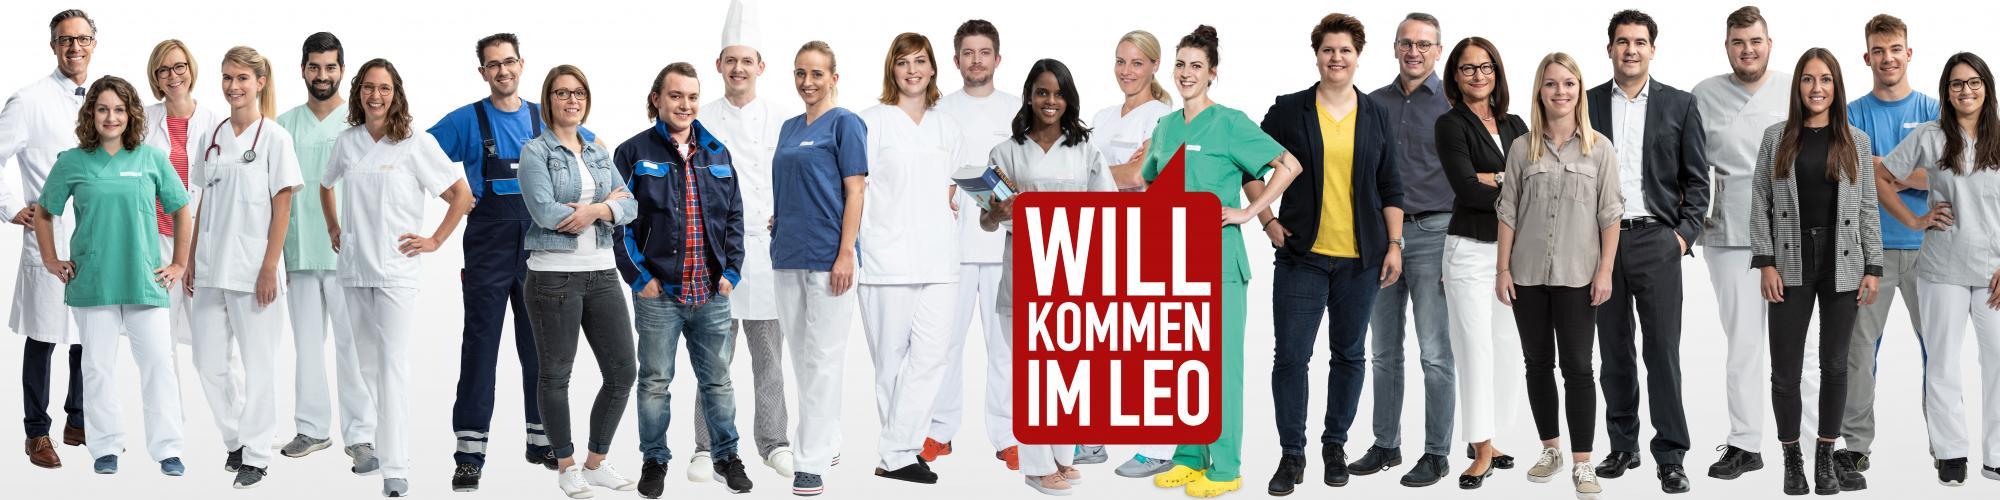 Leopoldina-Krankenhaus der Stadt Schweinfurt GmbH